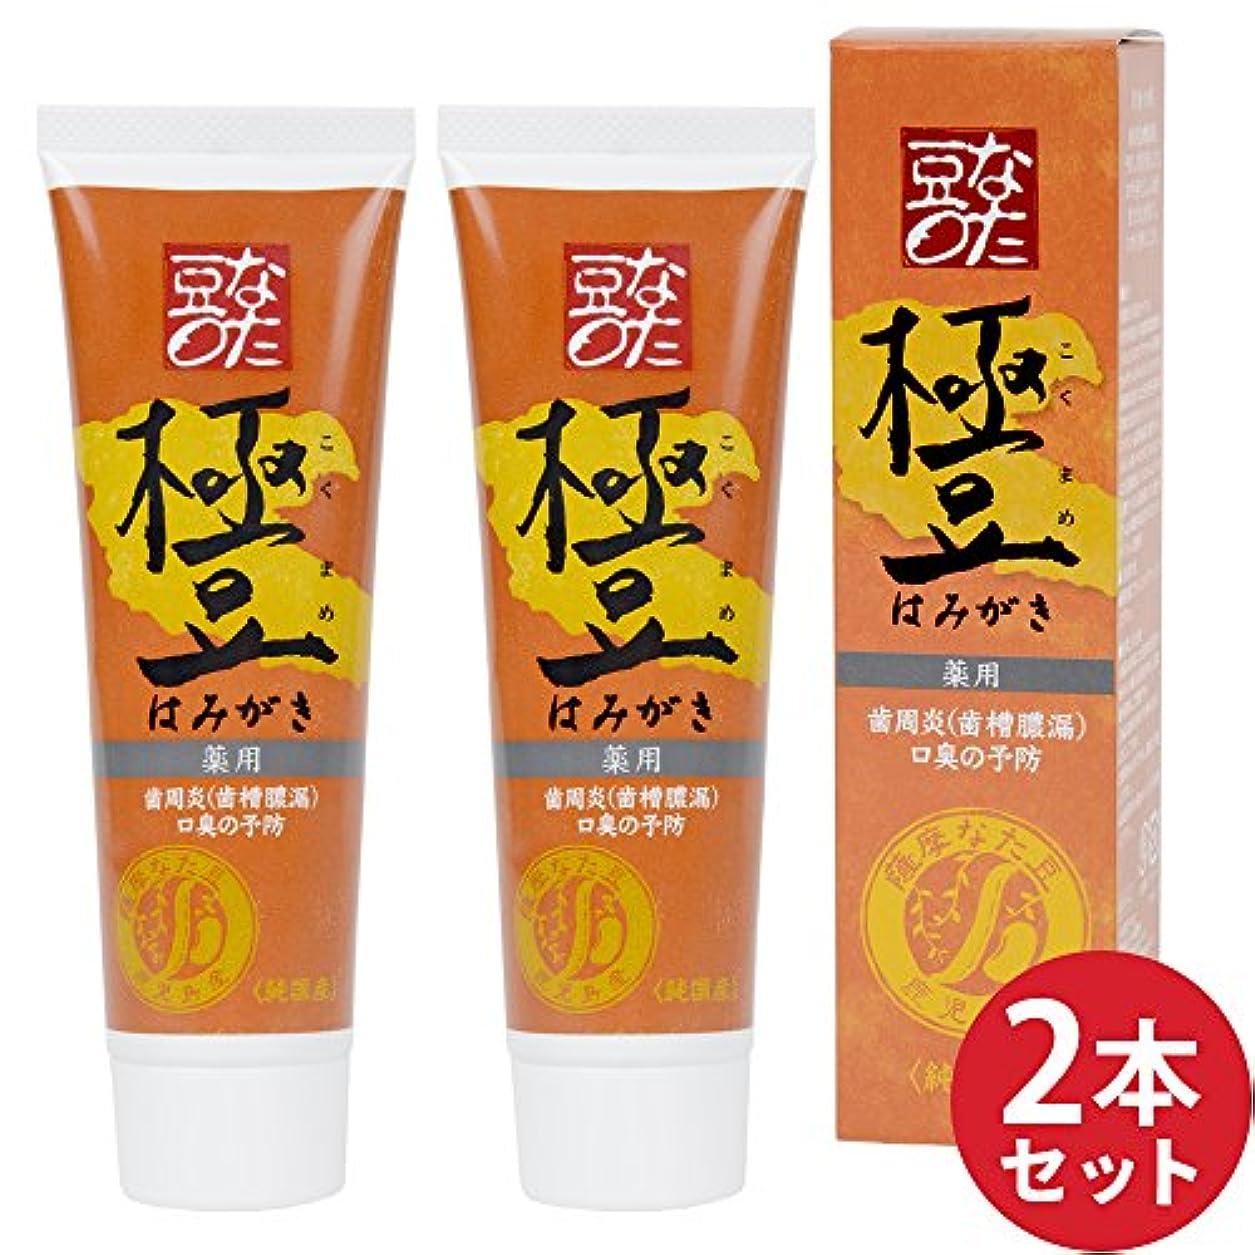 クロス贅沢染色2本セット【薬用】薩摩なた豆歯磨き(内容量:110g×2)